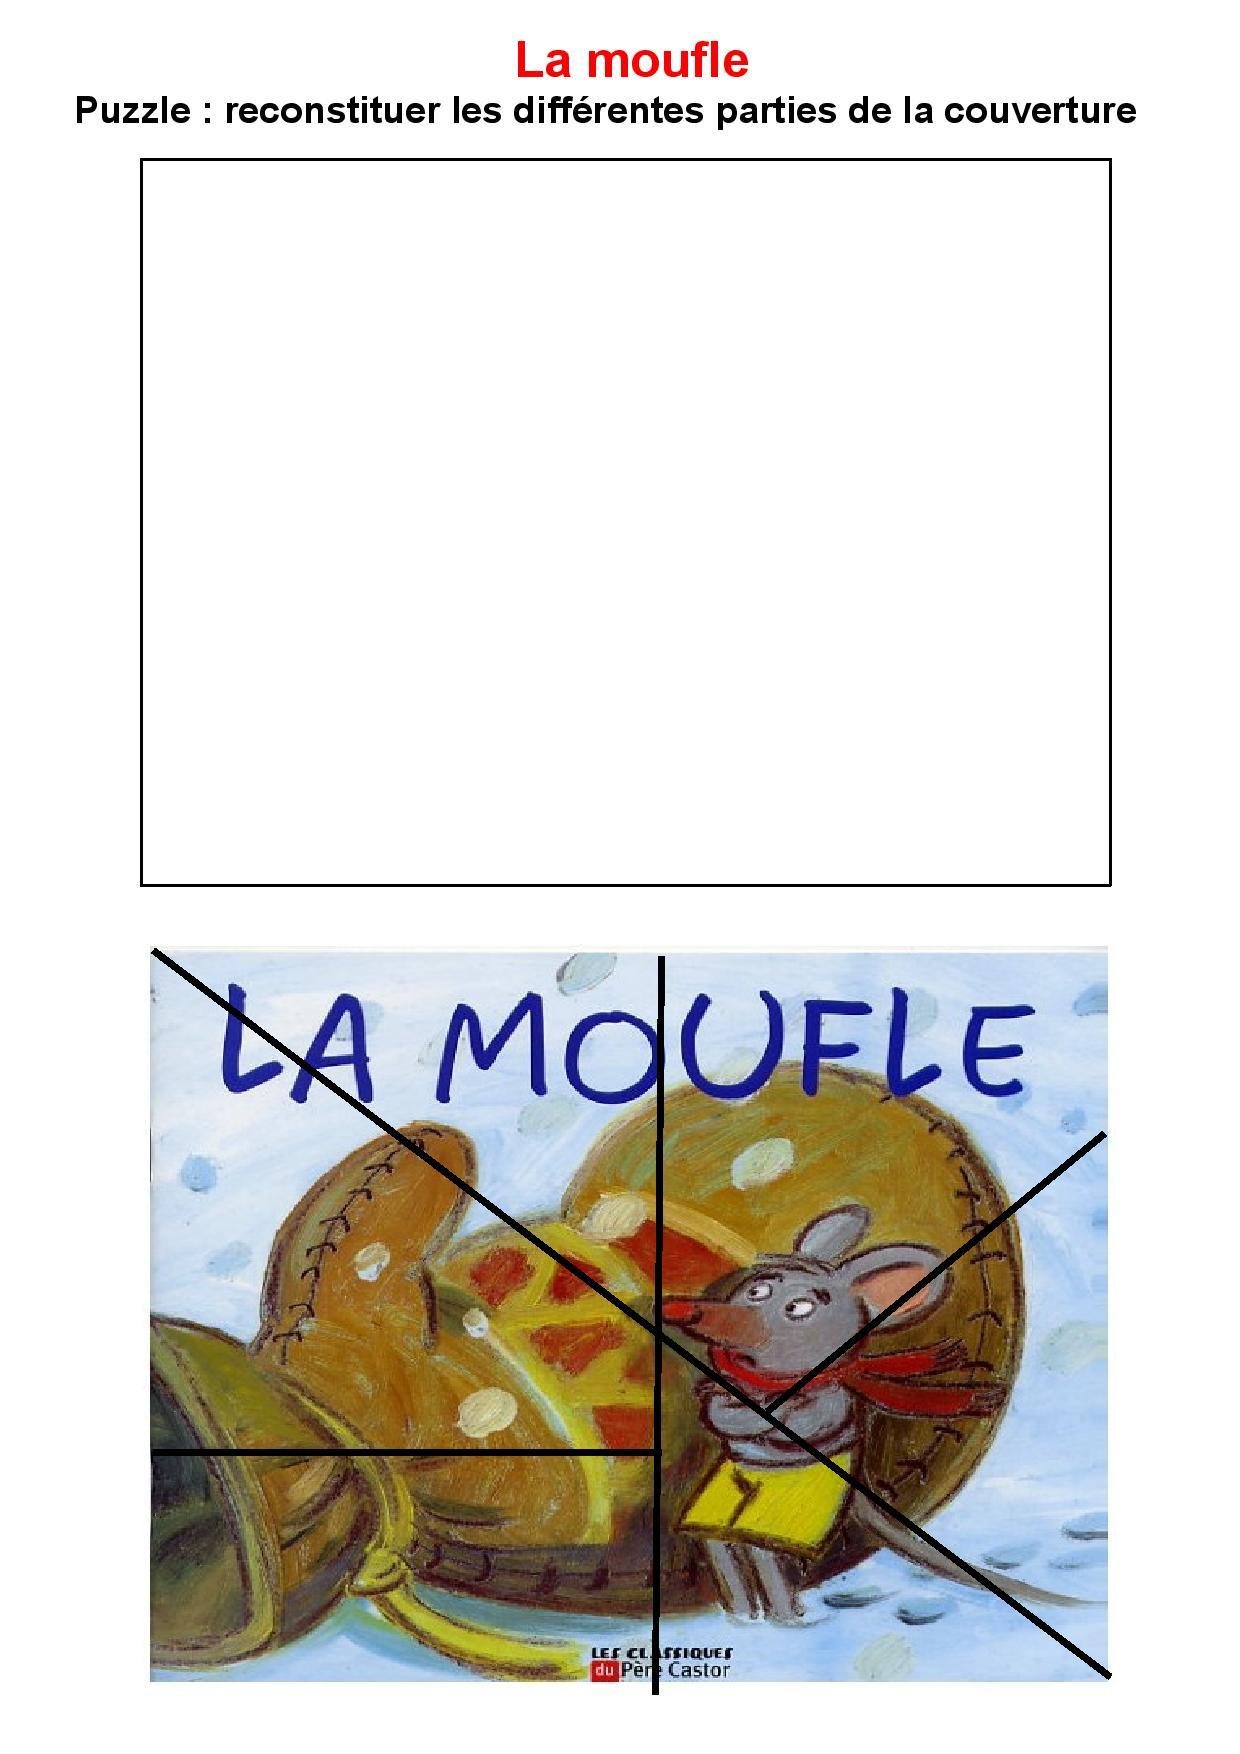 maternelle litt u00e9rature album la moufle exploitation album